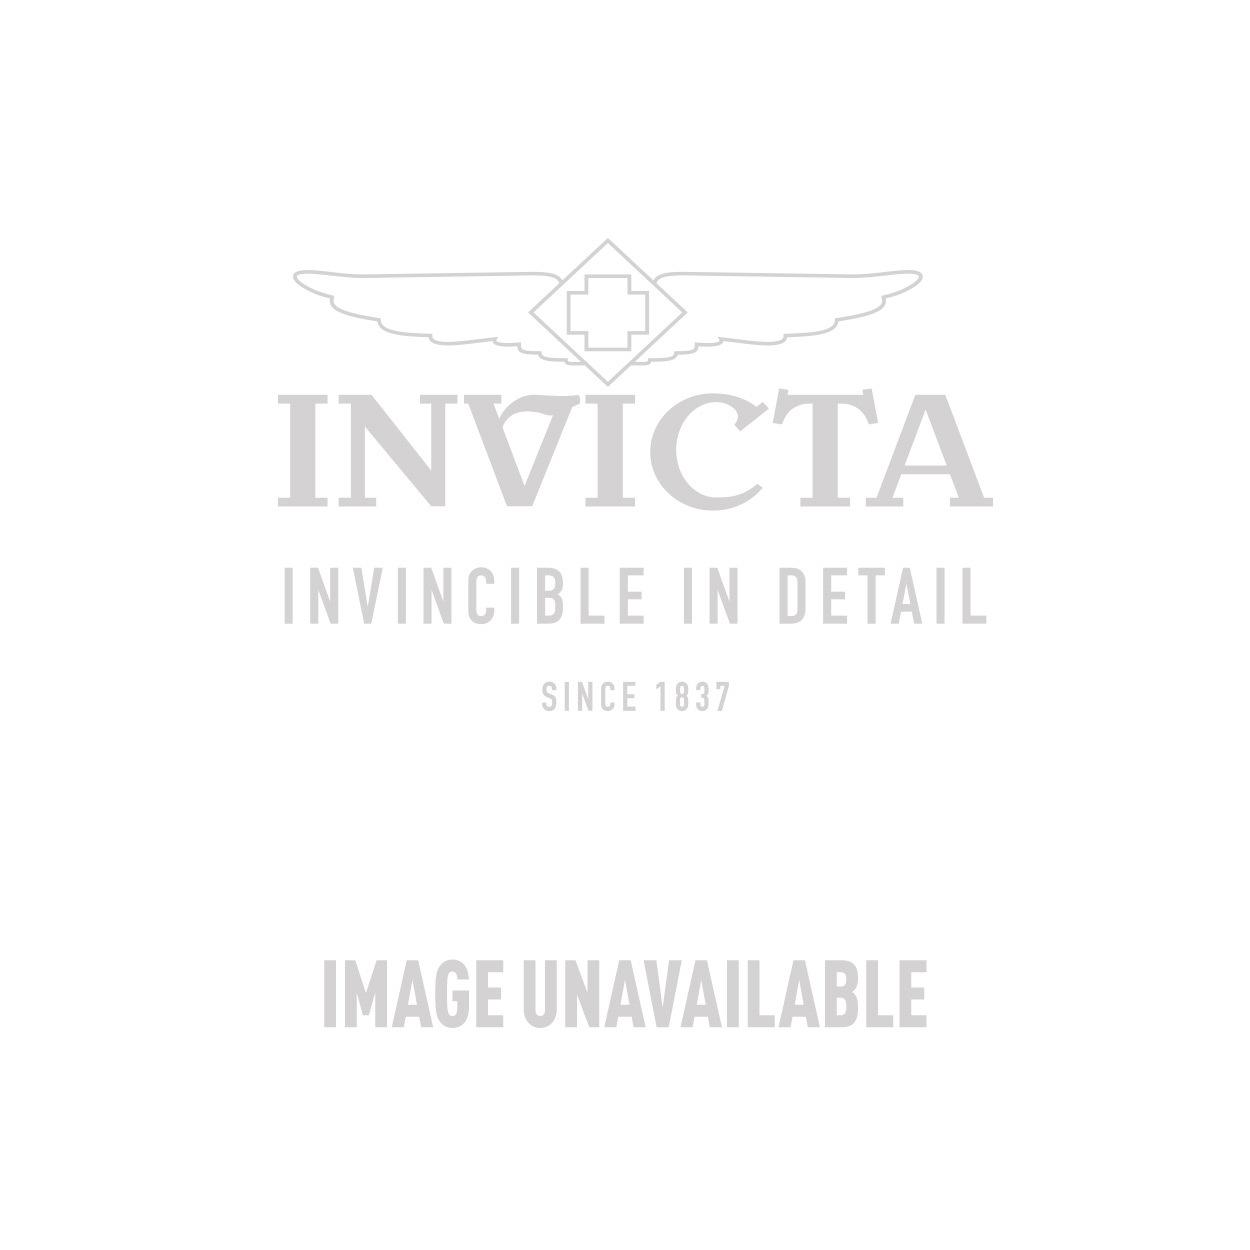 Invicta Model 28291